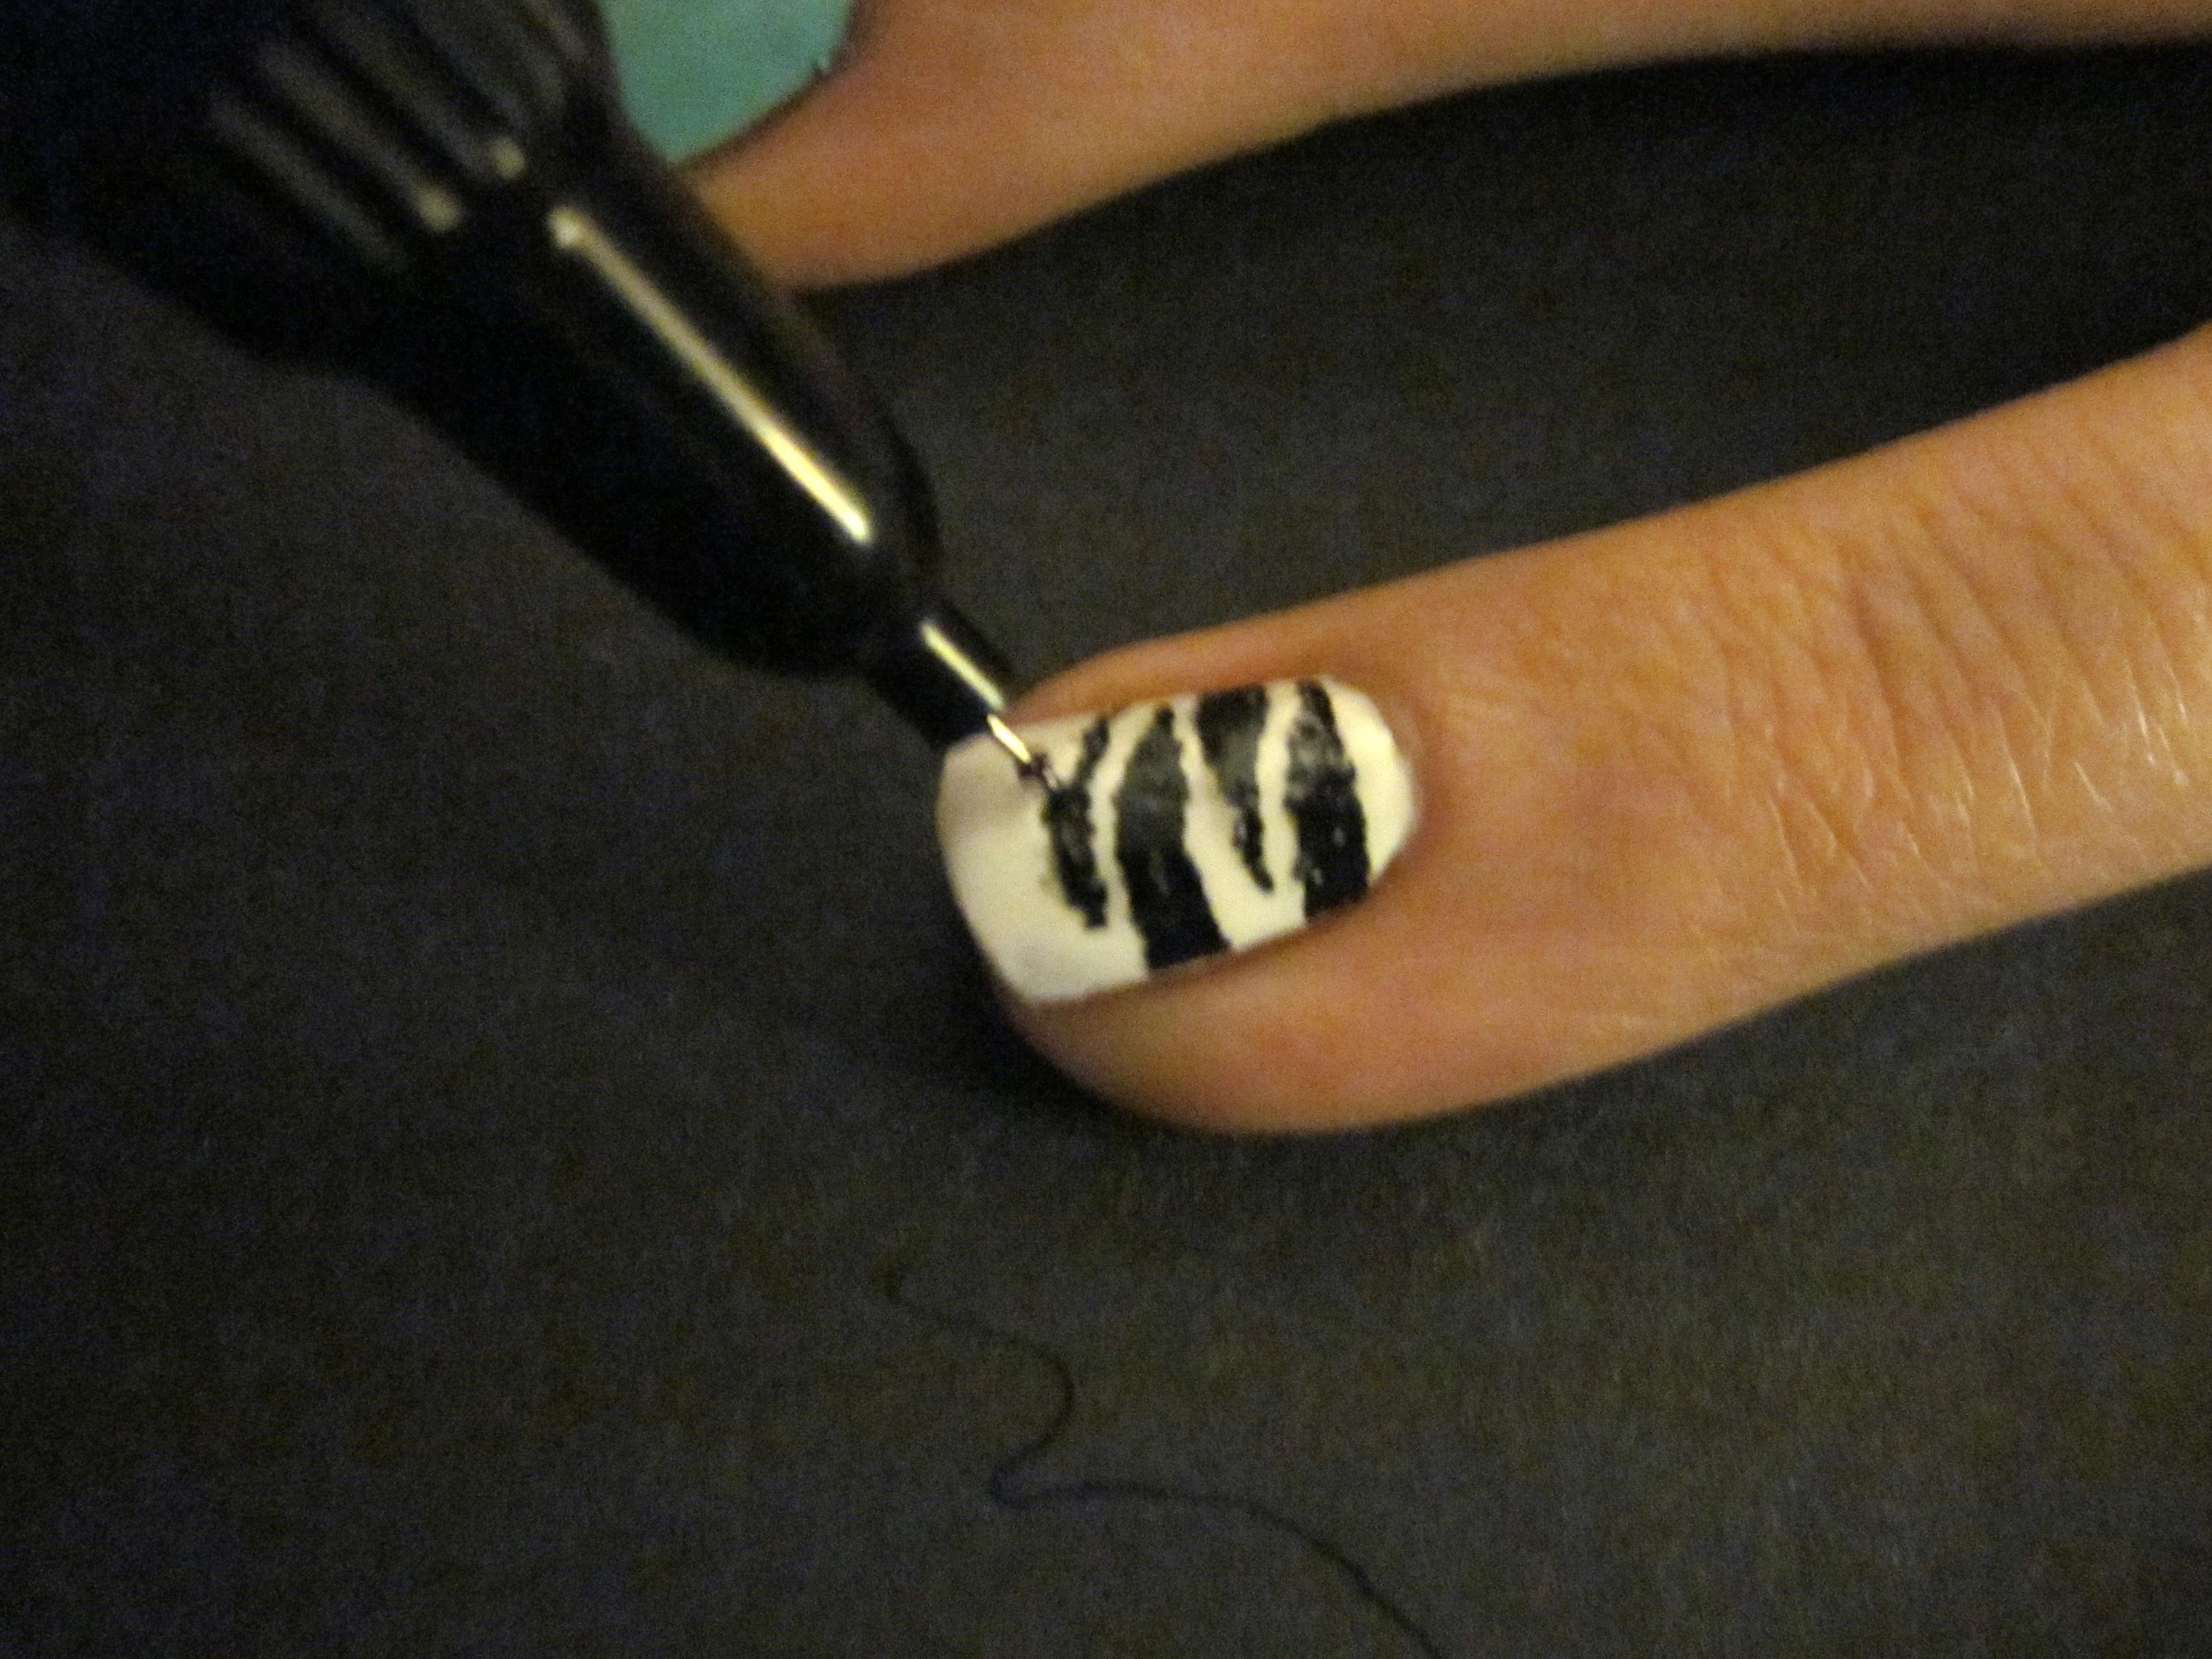 migi nail art, nail art, nail art kits, 3d nail art, nail art design, how to do nail art, nail art pens, simple nail art, nail art designs, nail art designs gallery, pictures of nail art, nail art ideas, nails art, nails art design, nail art magazine, nail art images-14